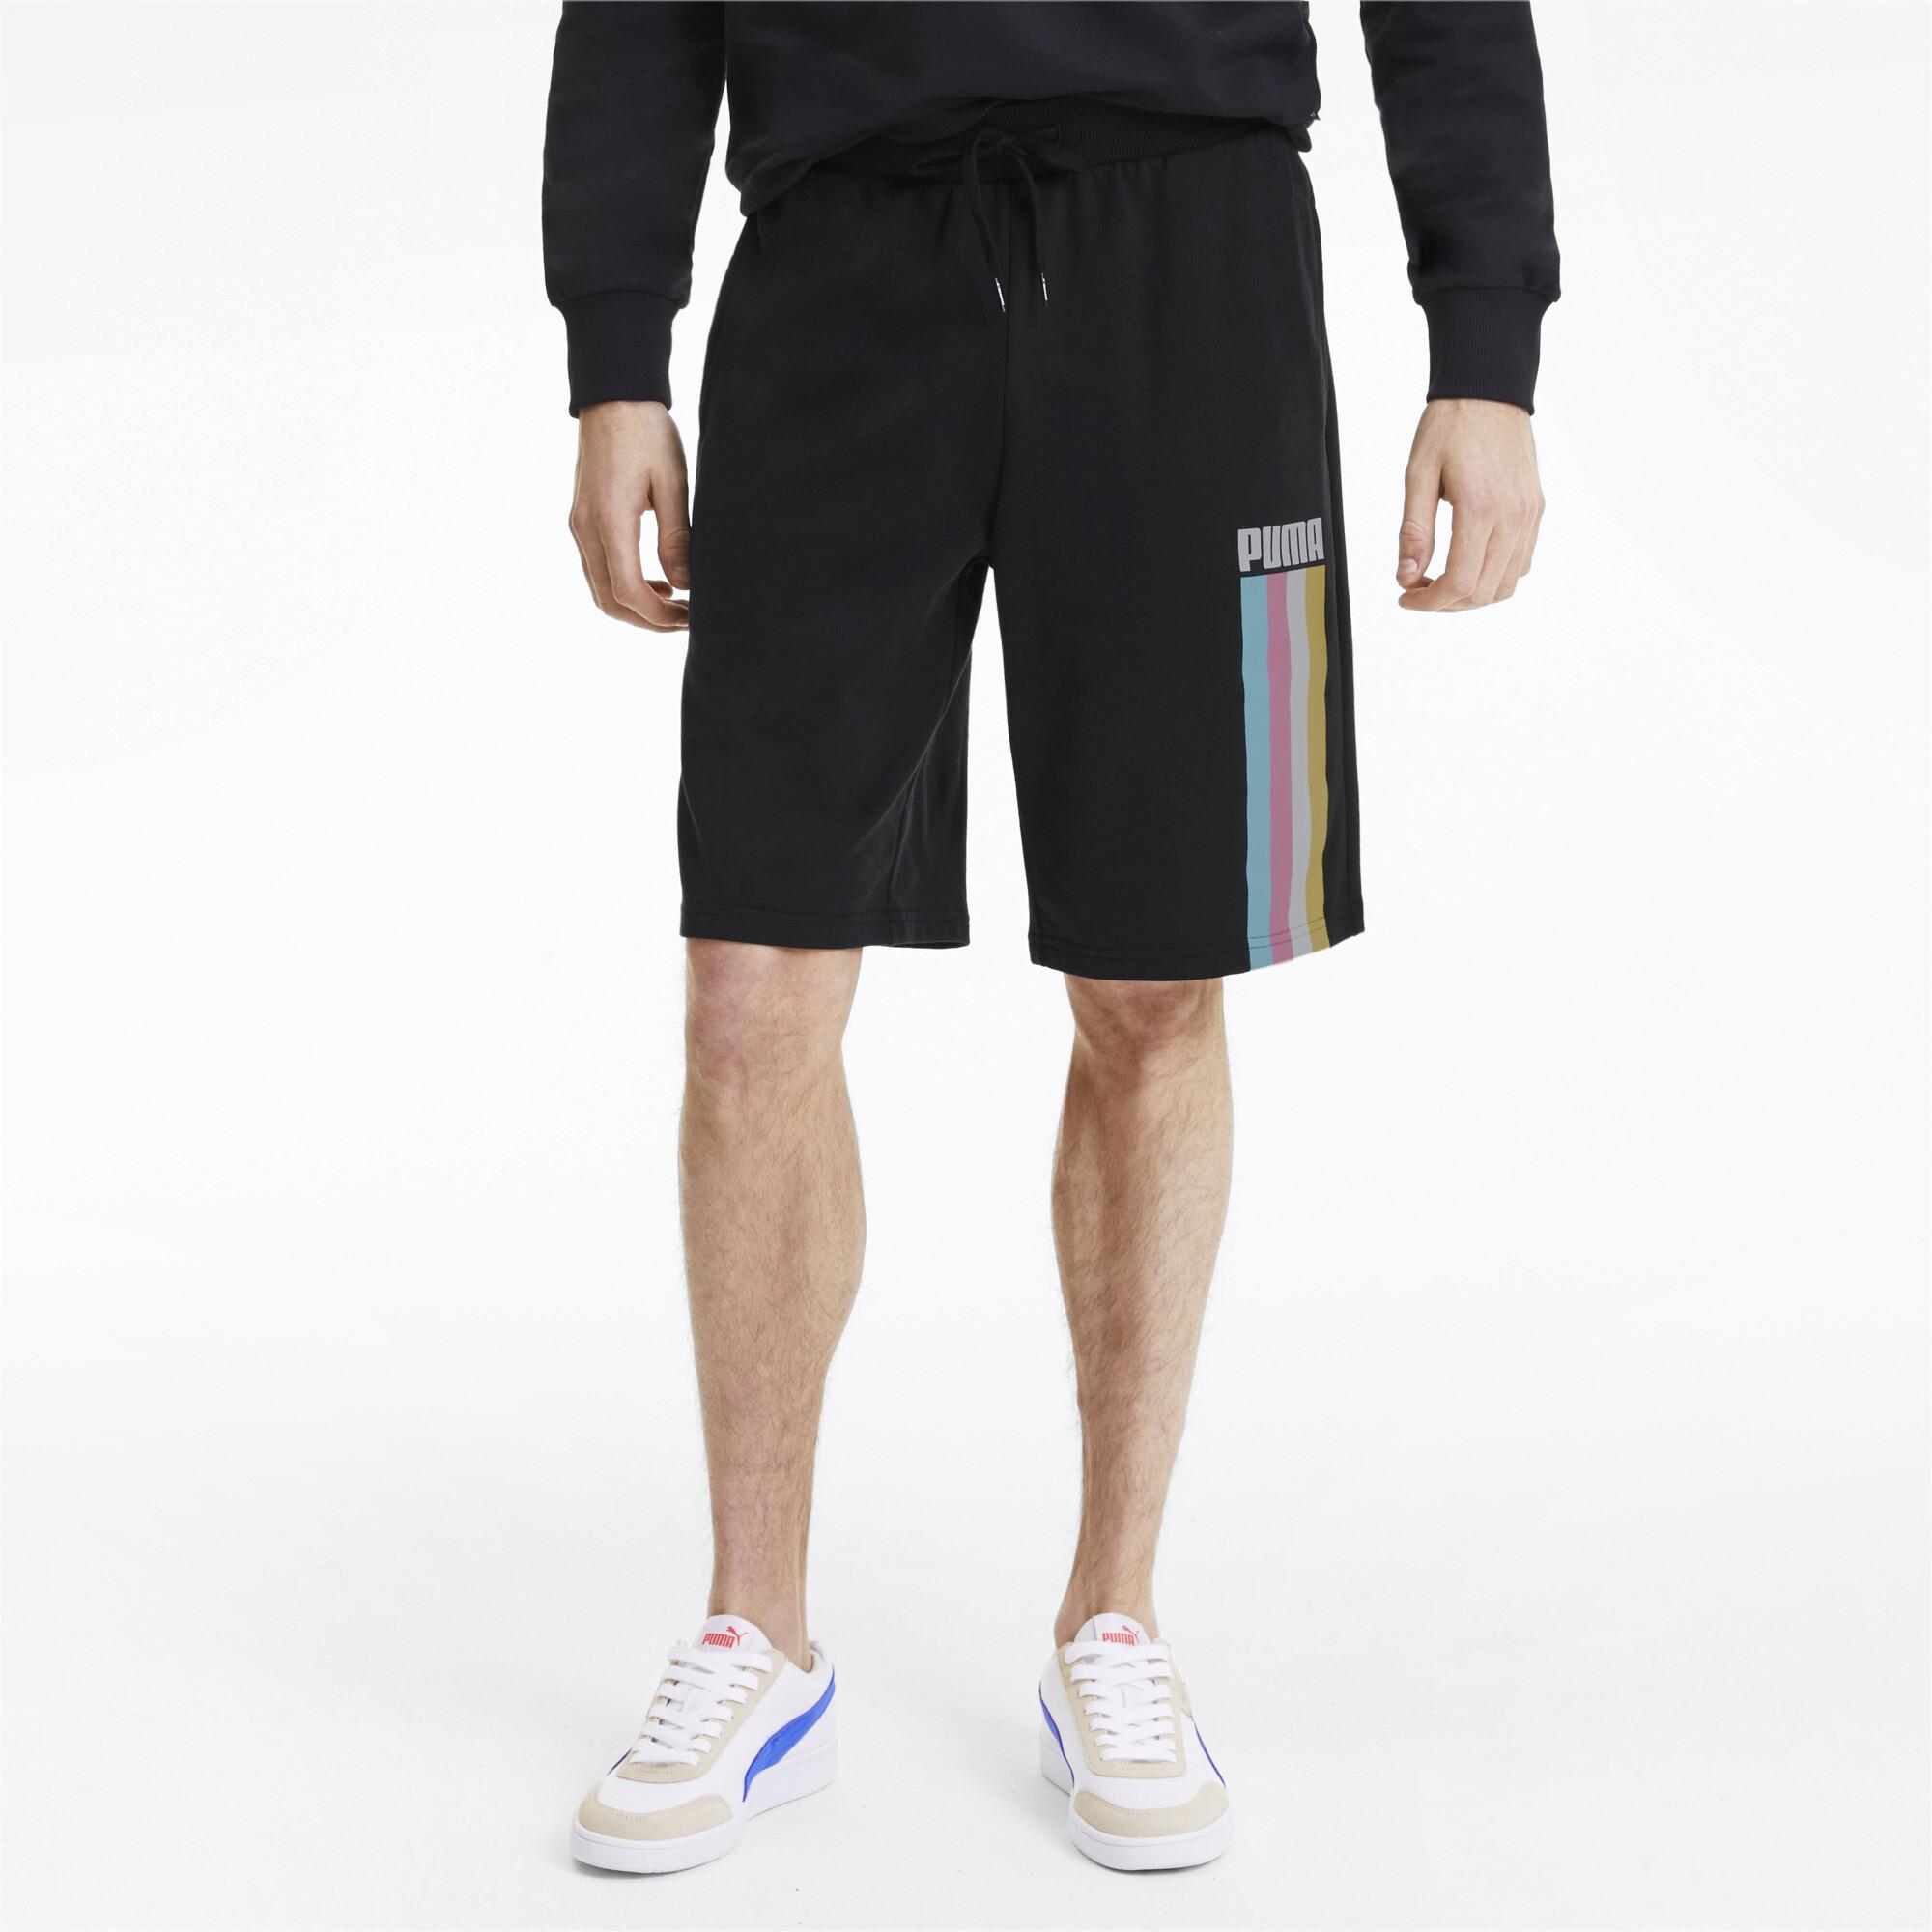 PUMA-Celebration-Men-039-s-Shorts-Men-Knitted-Shorts-Basics thumbnail 4